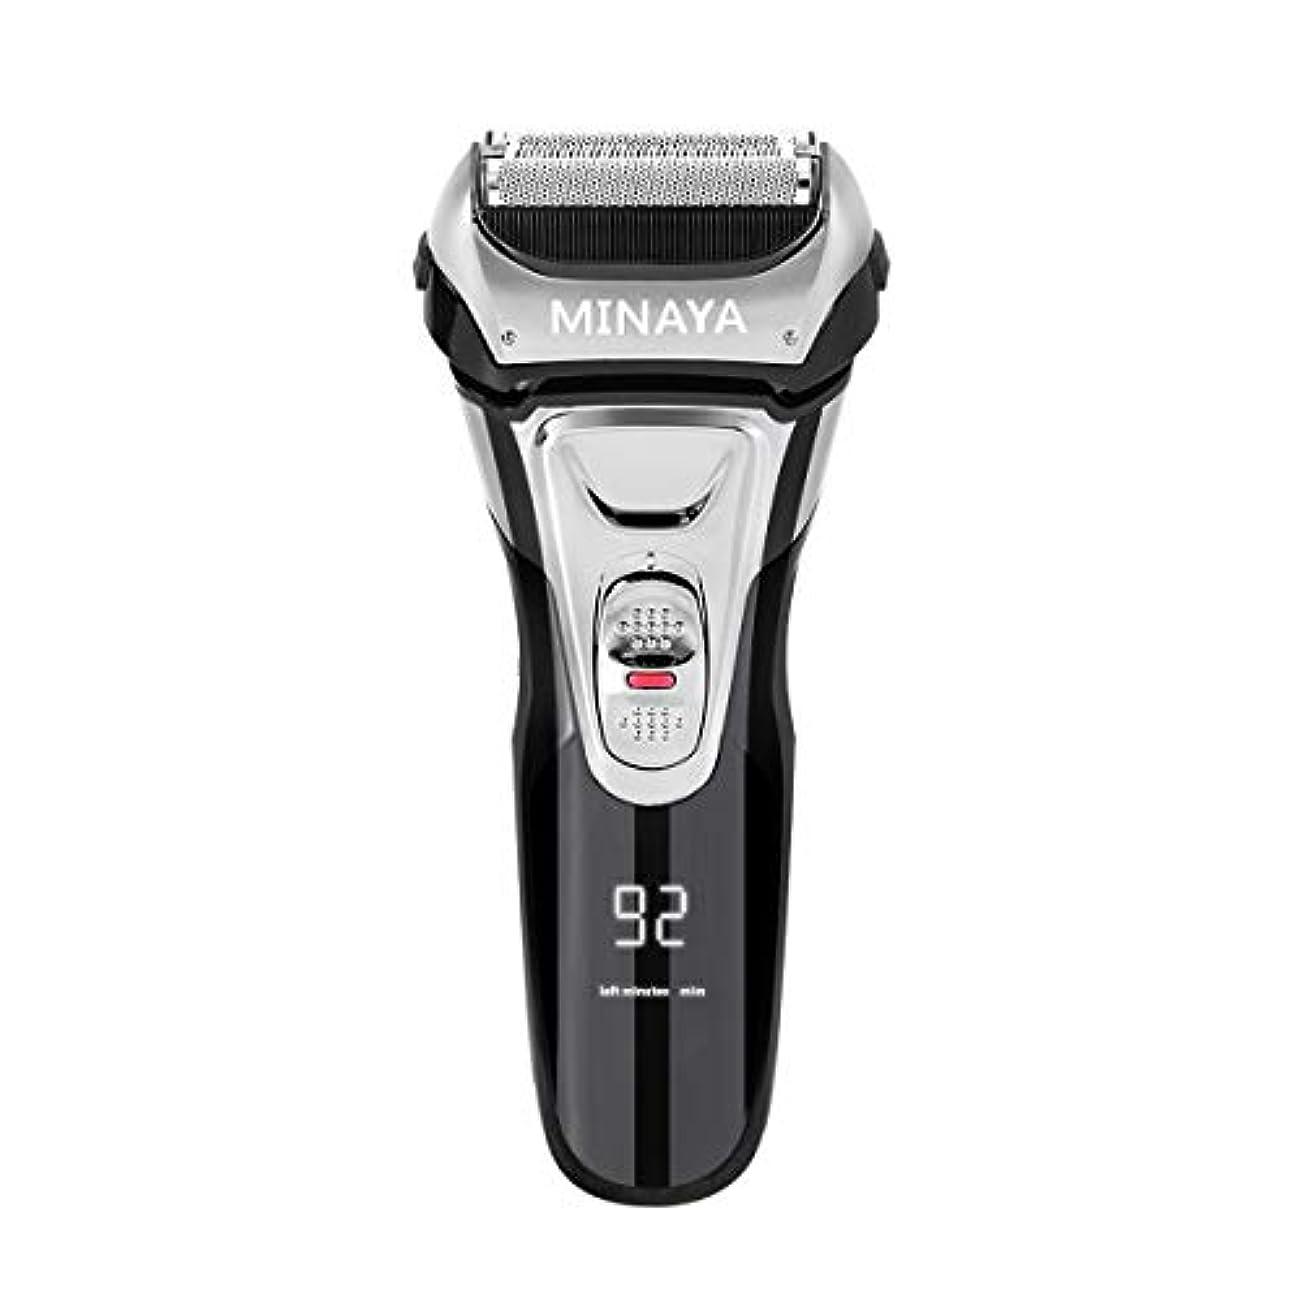 パール落とし穴平凡電気シェーバー メンズ シェーバー 往復式 3枚刃 髭剃り 電動 カミソリ LEDディスプレイ USB充電式 IPX7防水 水洗い/お風呂剃り対応